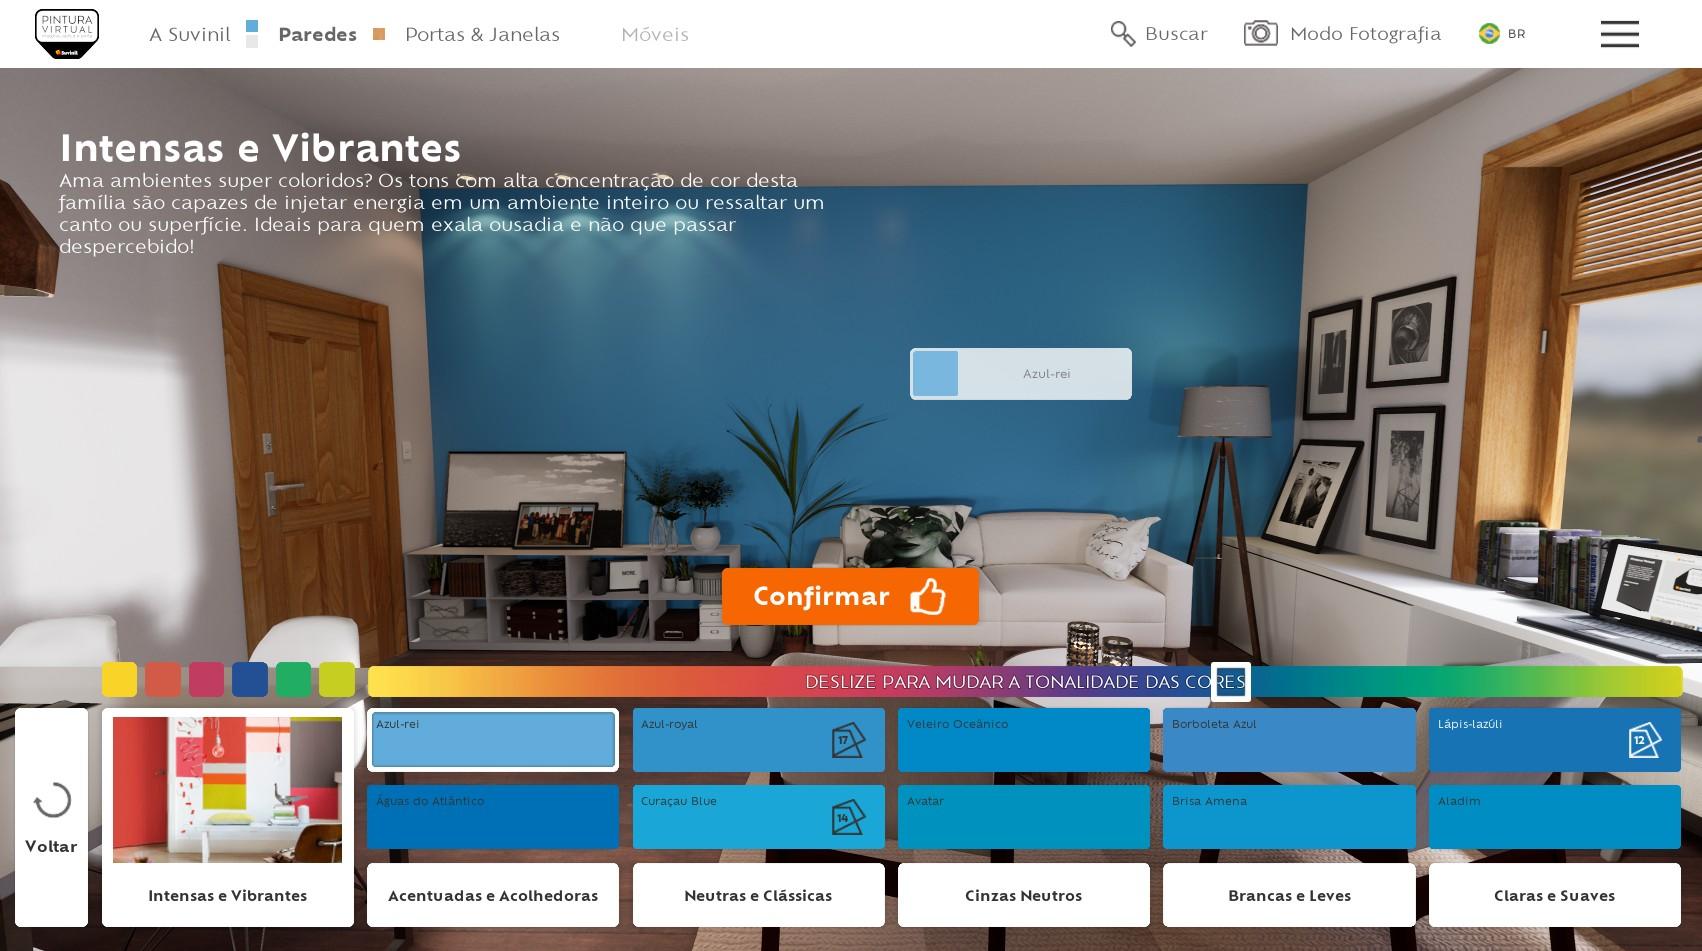 Seleção da familia de cores Intensas e Vibrantes e a cor azul-rei pintada em uma parede realista no Pintura Virtual.